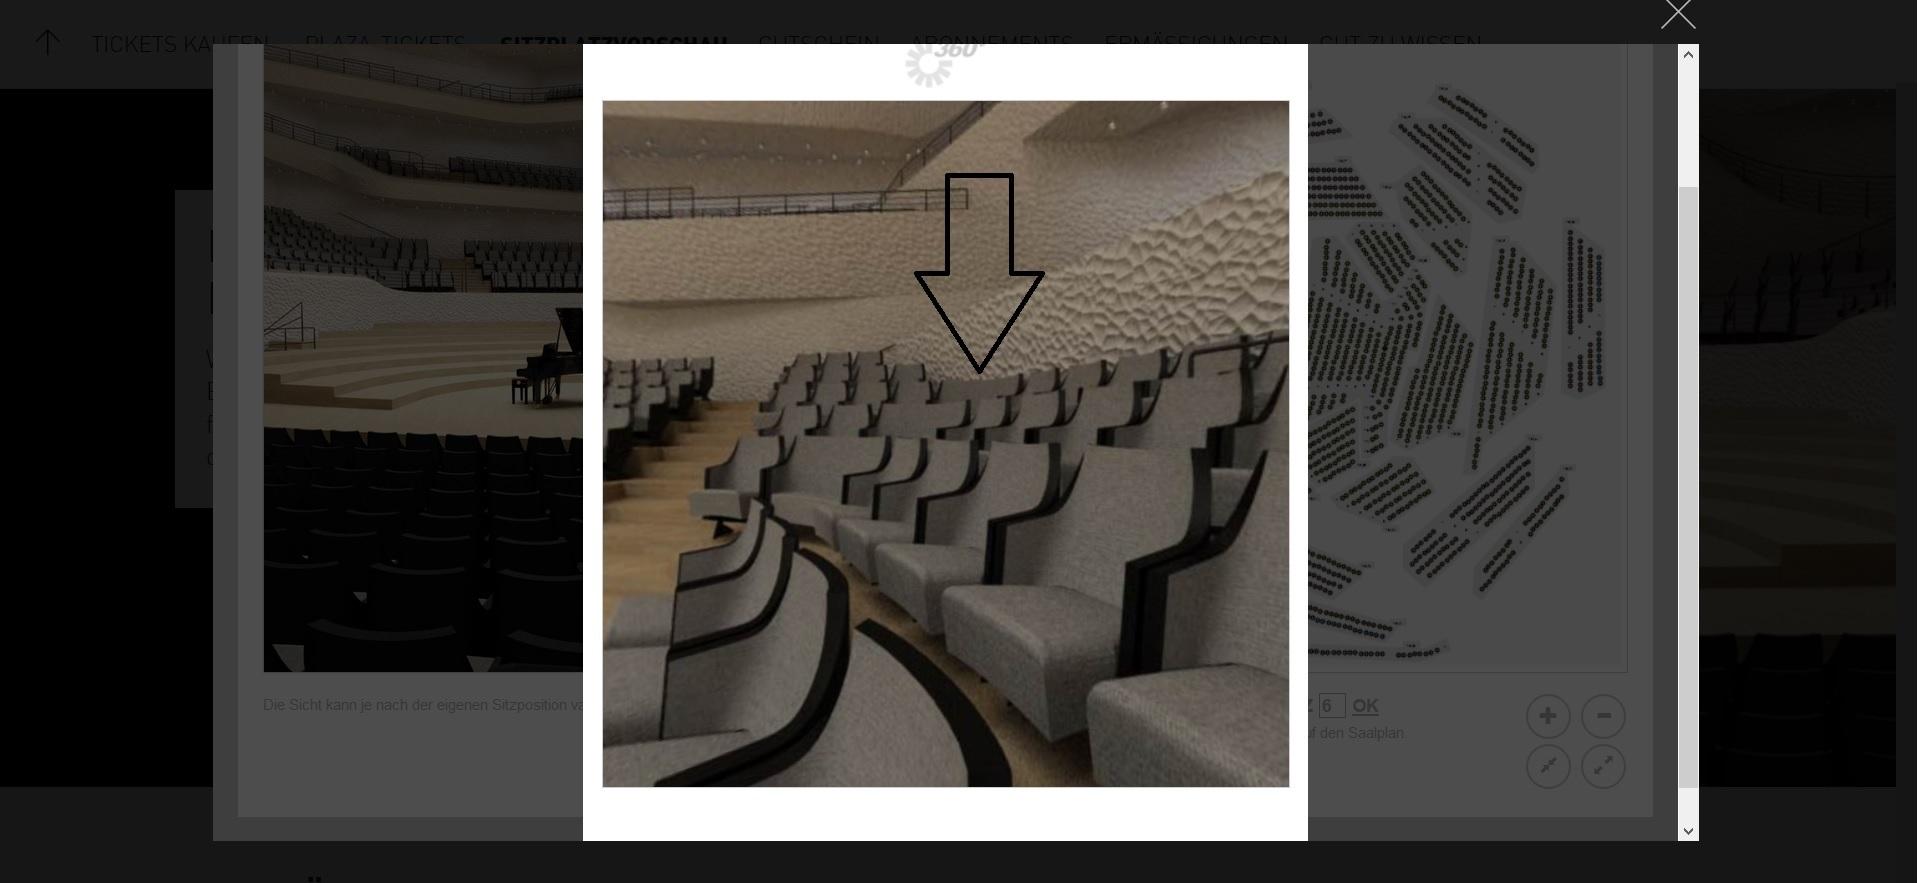 Wie Die Akustik In Der Elbphilharmonie Wirklich Ist Bad Blog Of